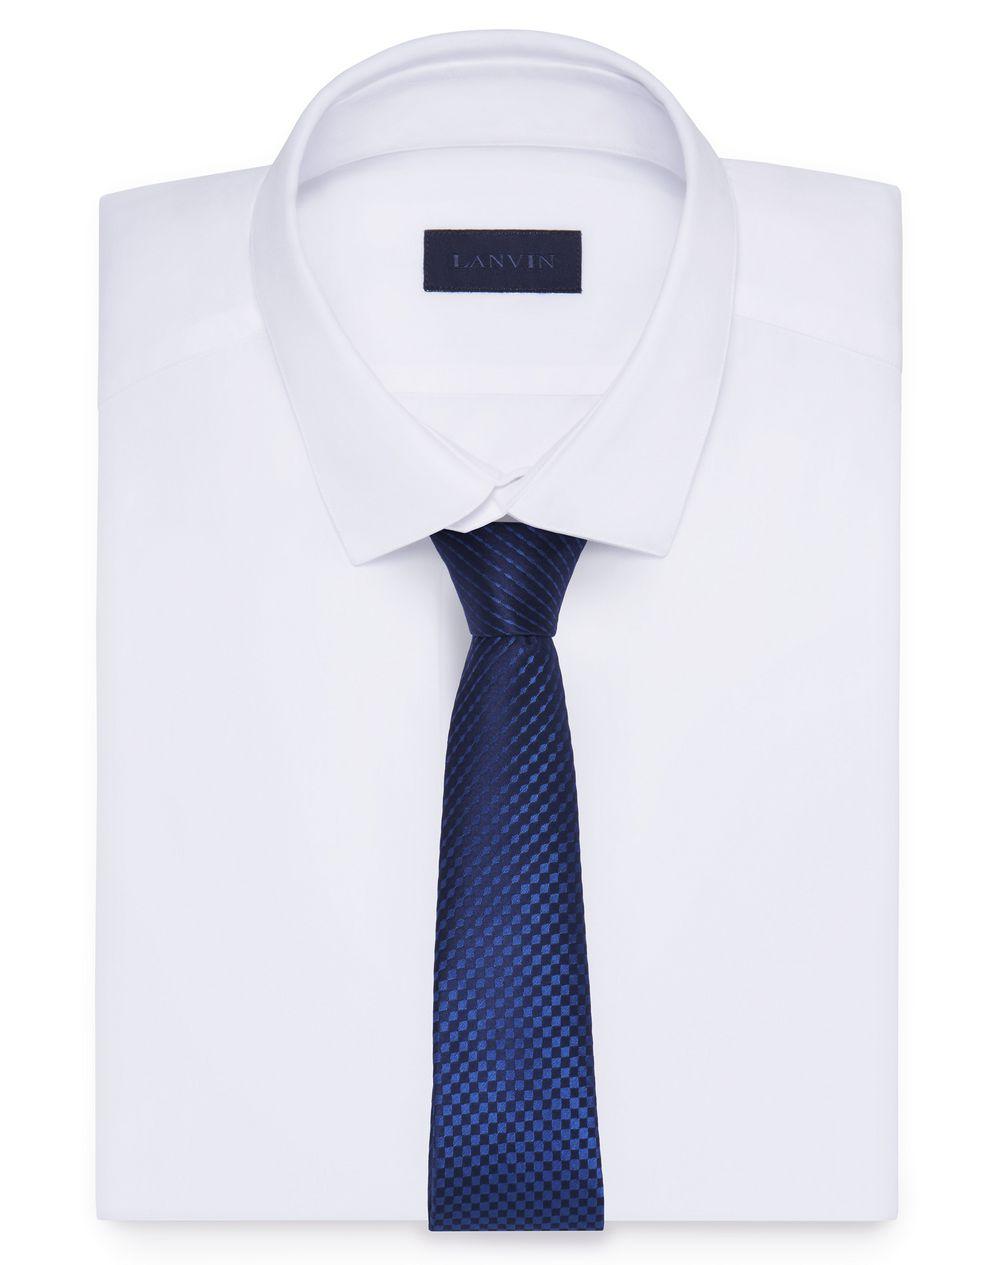 BLUE CHECKERED NECKTIE - Lanvin